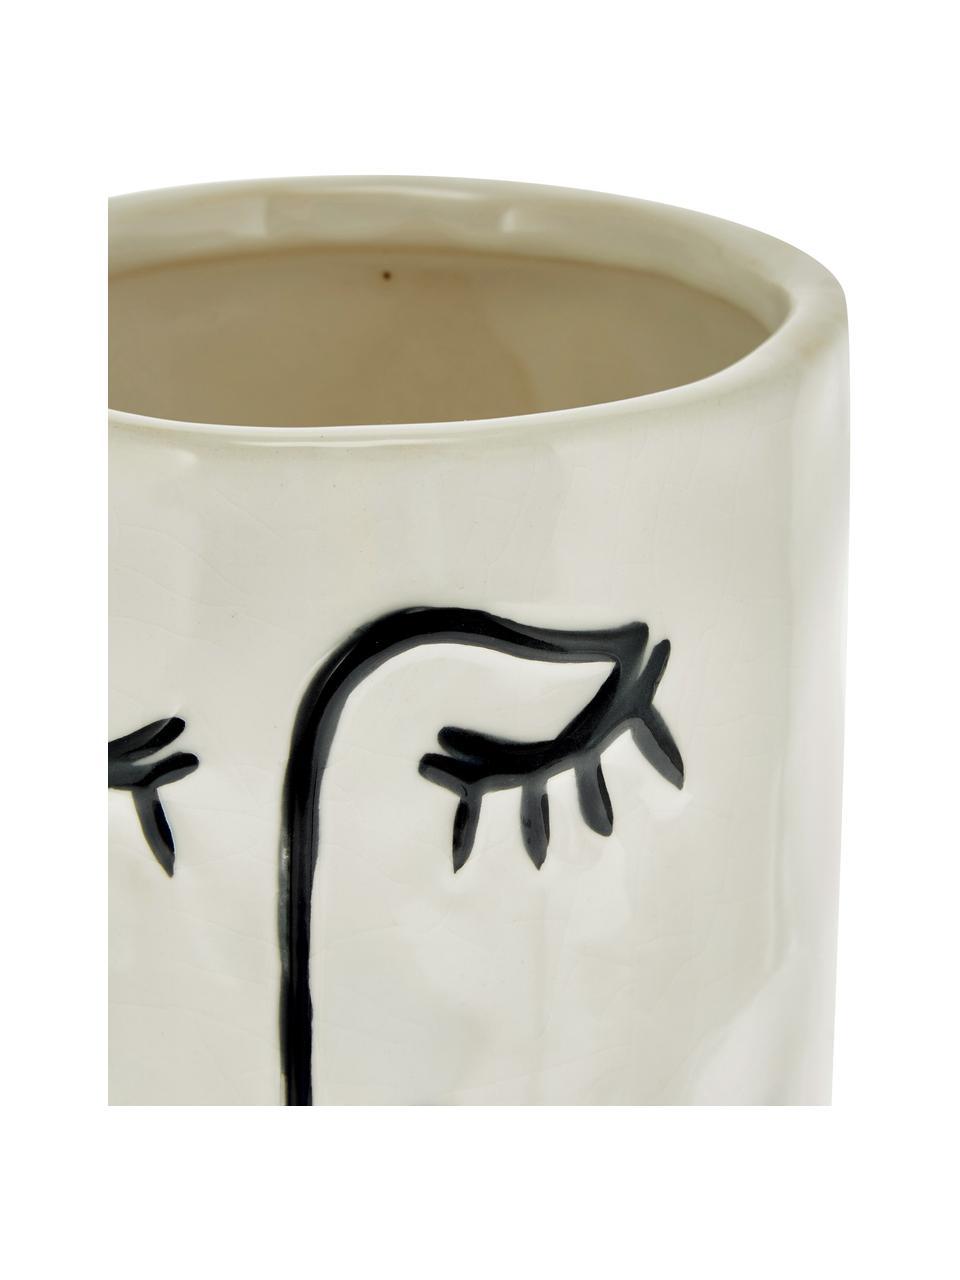 Kleiner Übertopf Face aus Steingut, Steingut, Gebrochenes Weiß, Schwarz, Ø 11 x H 18 cm